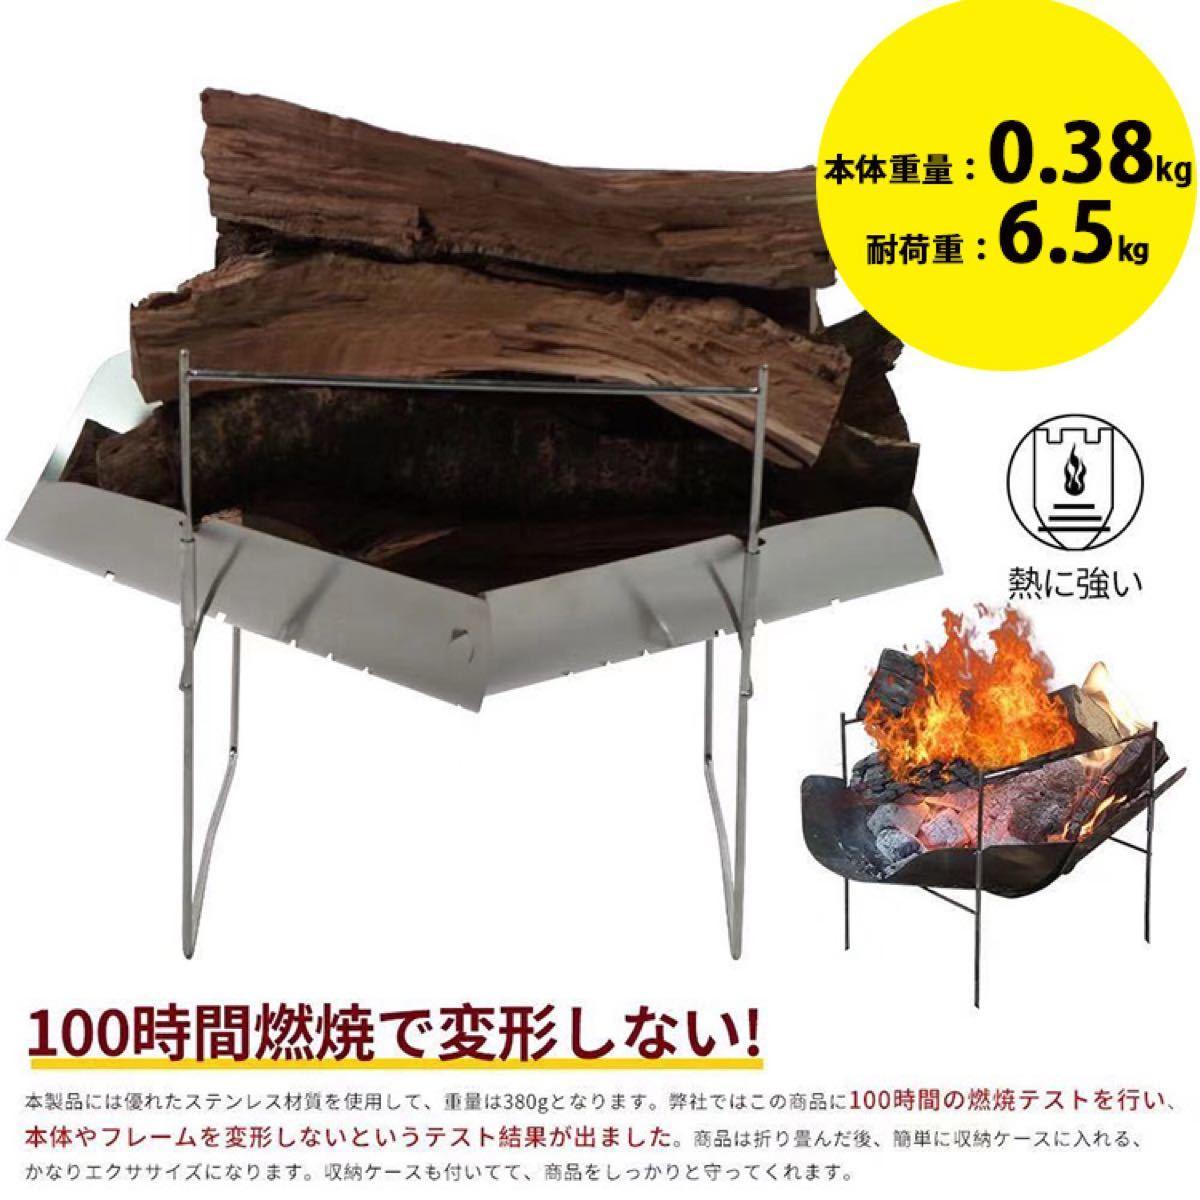 激安 !焚き火台 折り畳み式 ステンレス製 焚火台 バーベキューコンロ 携帯便利